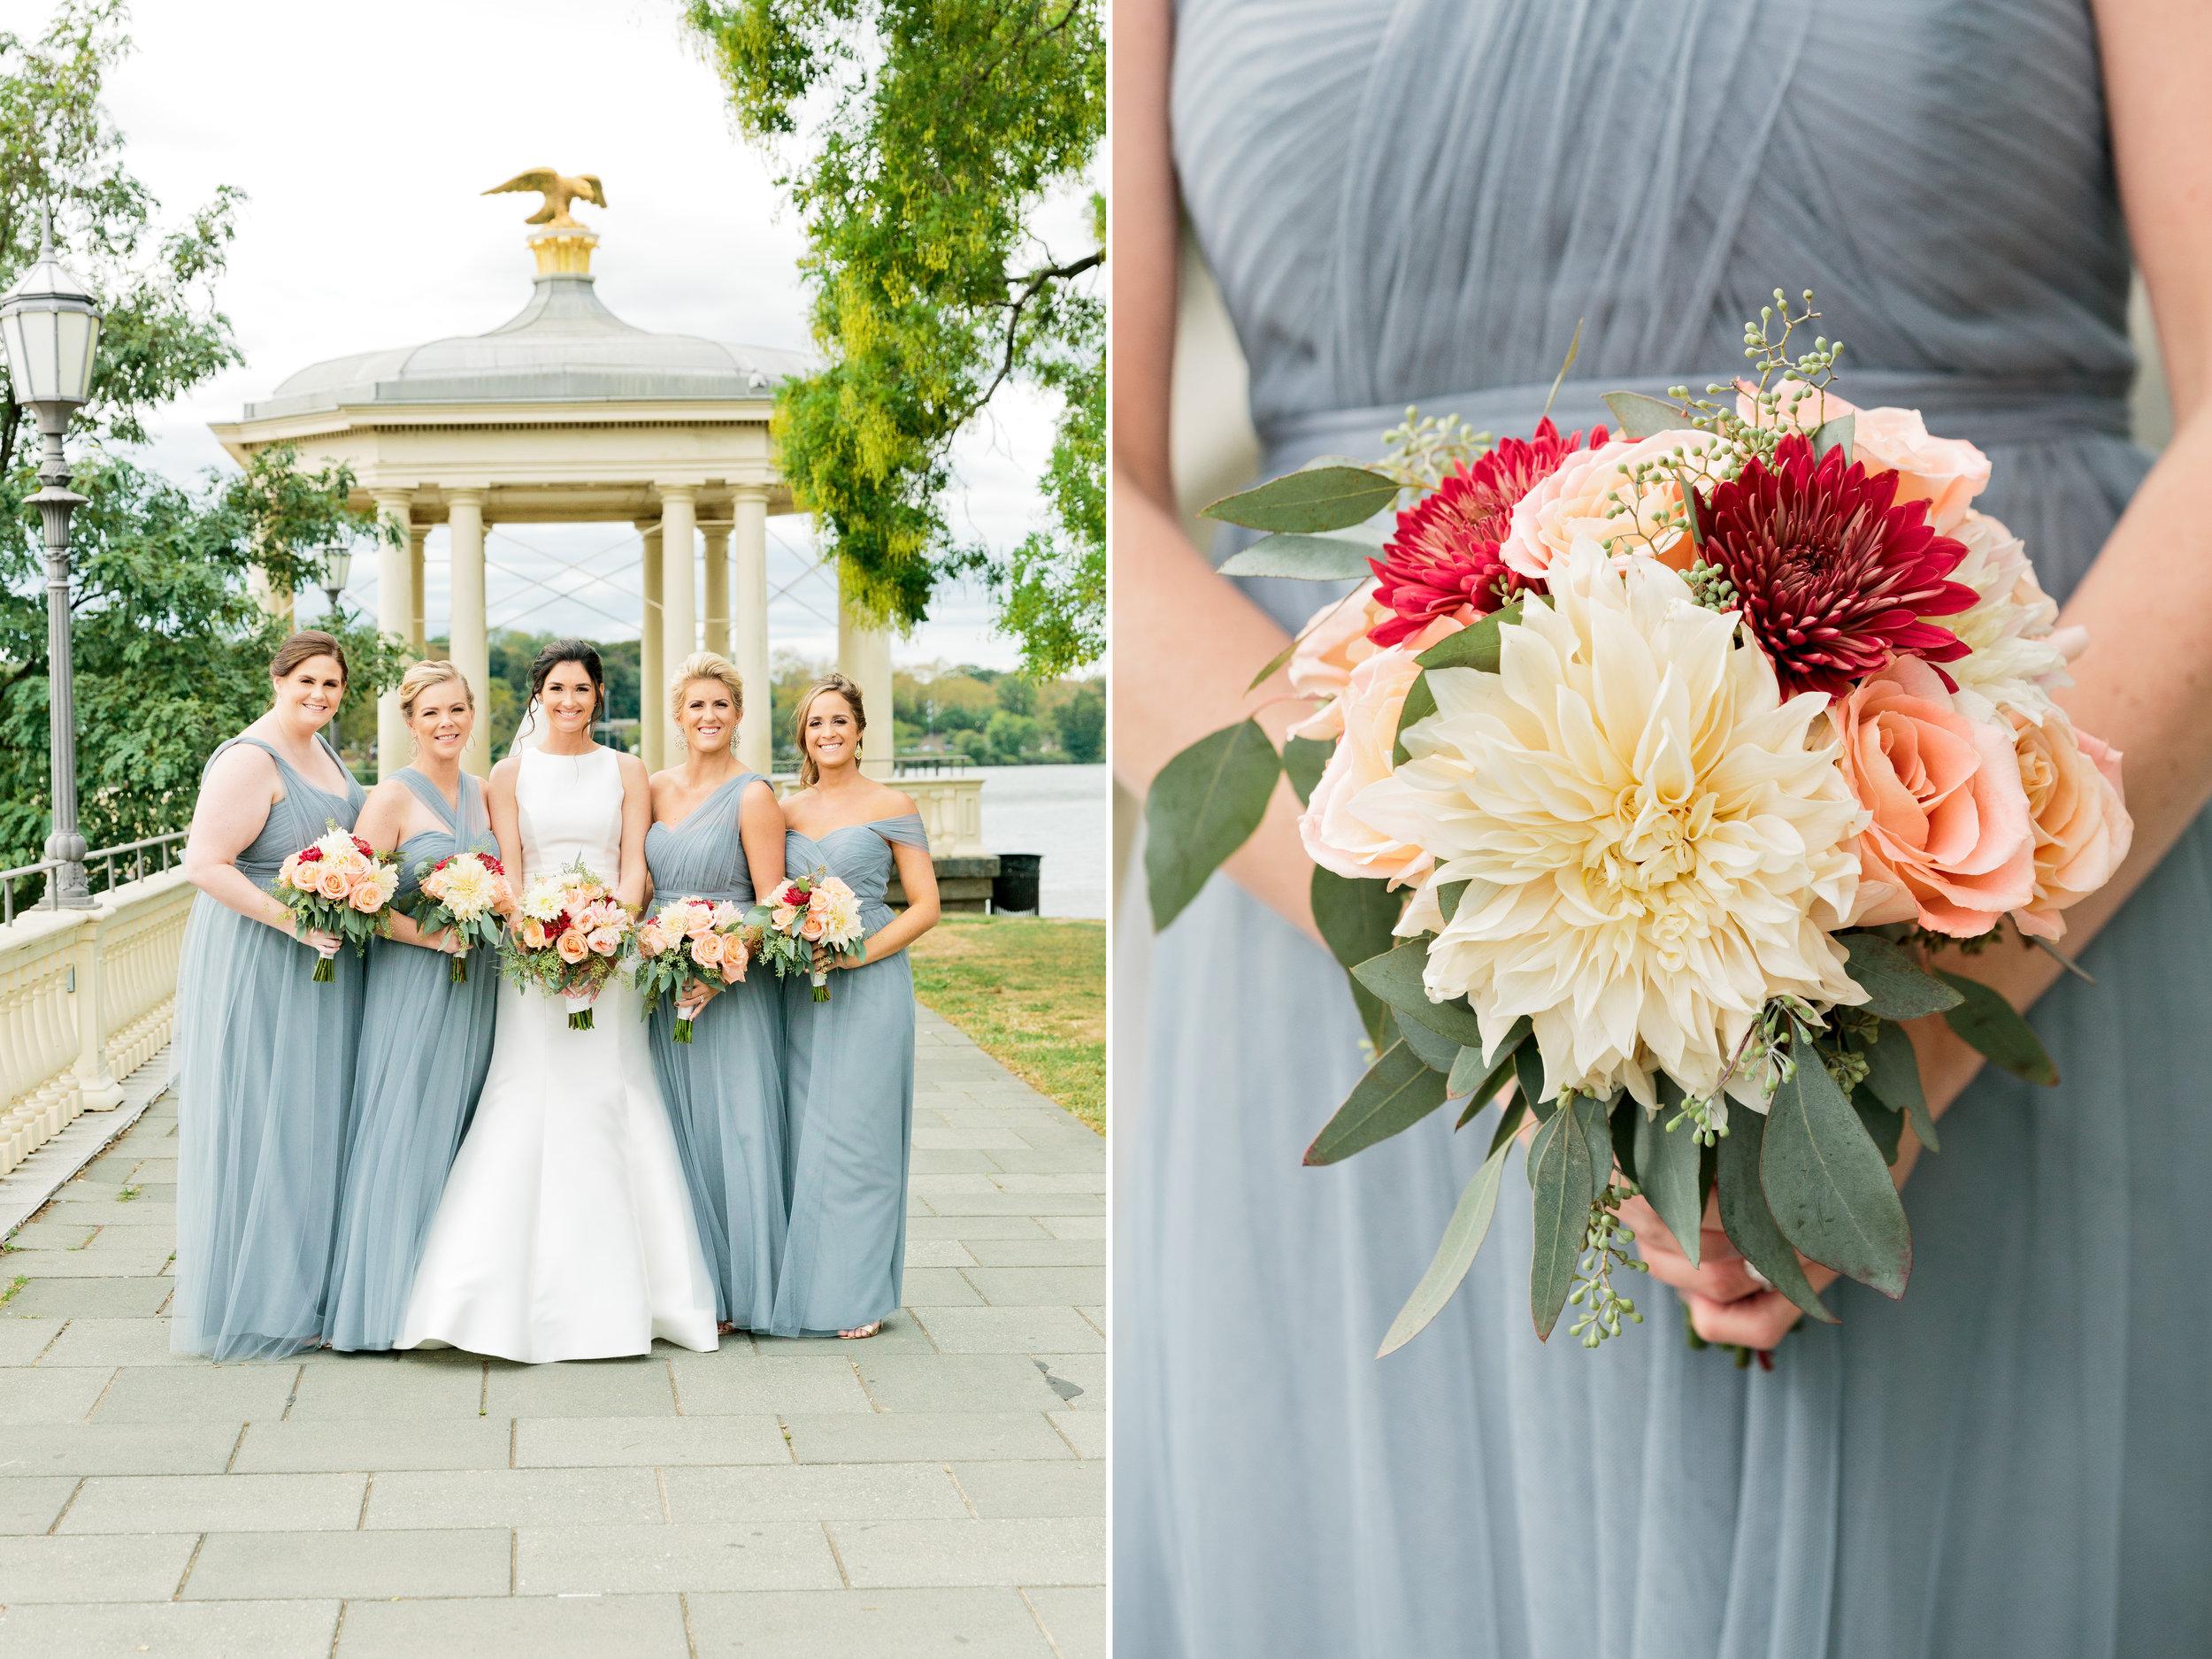 Hudson-Nichols-Black-Tie-Bride-Philadelphia-Waterworks-Wedding-Bride-Groom-Portraits48.jpg